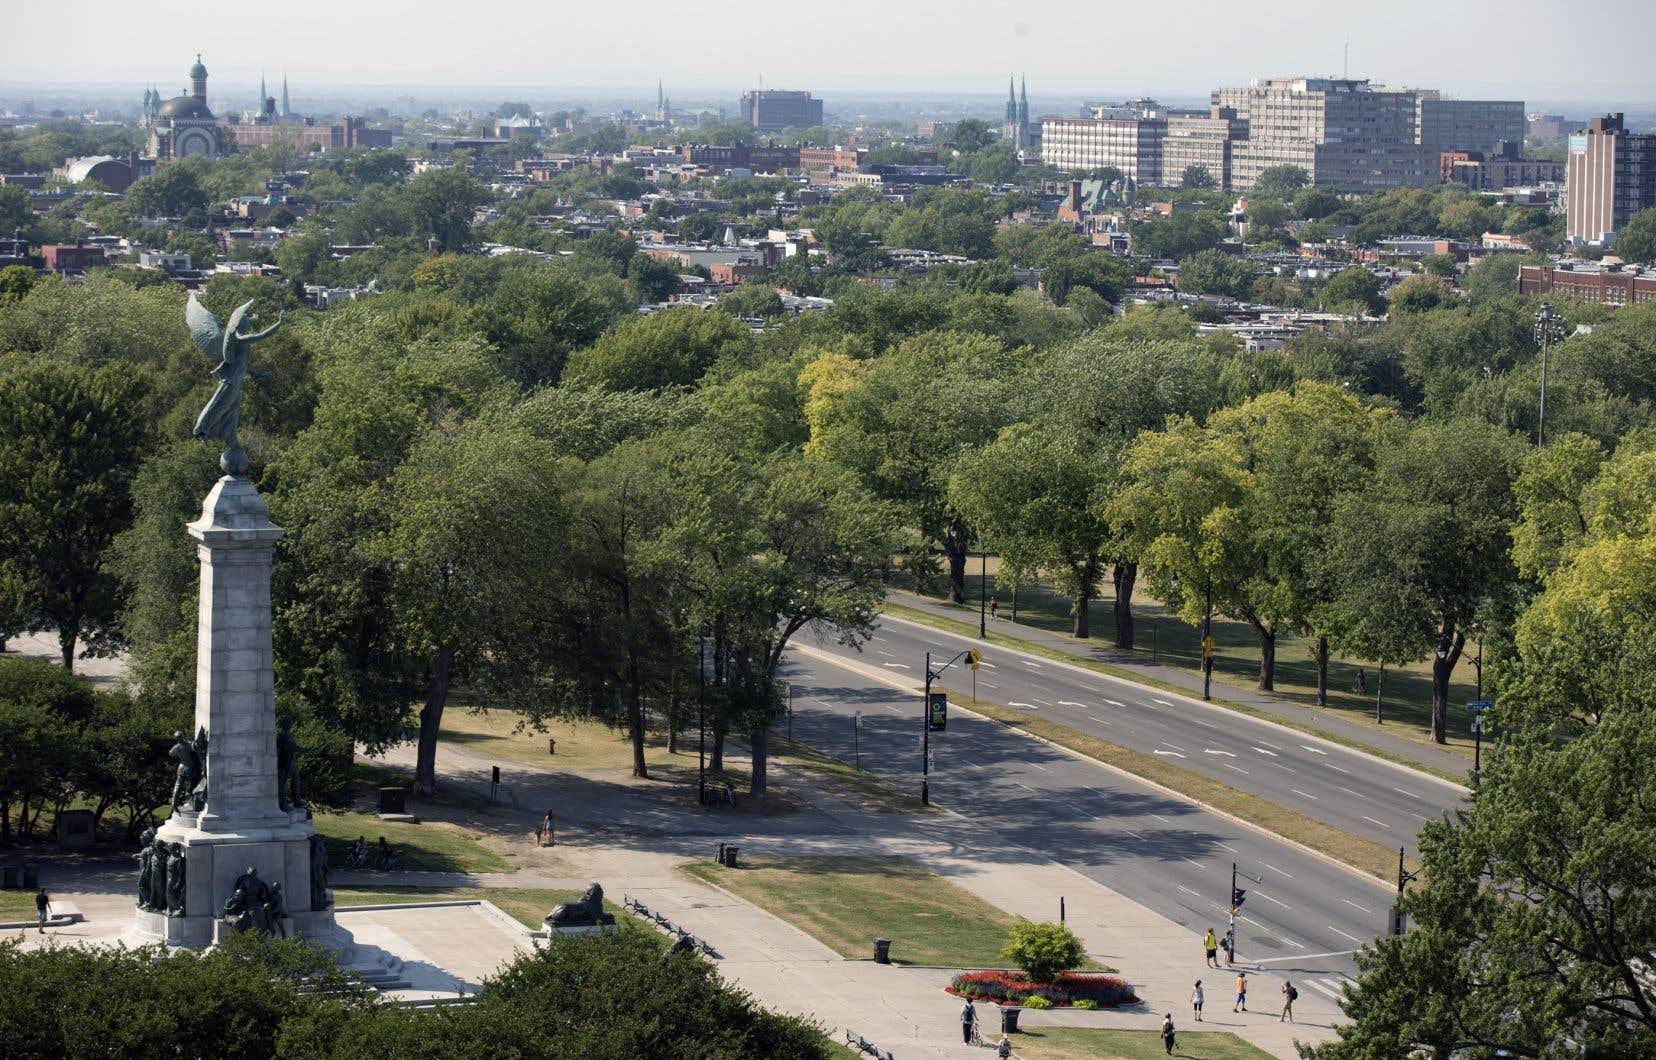 «Est-ce que la gestion du patrimoine végétal montréalais doit être laissée à une autorité municipale à la vision électoraliste et à des gestionnaires de cimetières qui dégainent vite les scies à chaînes?» demande l'auteur.